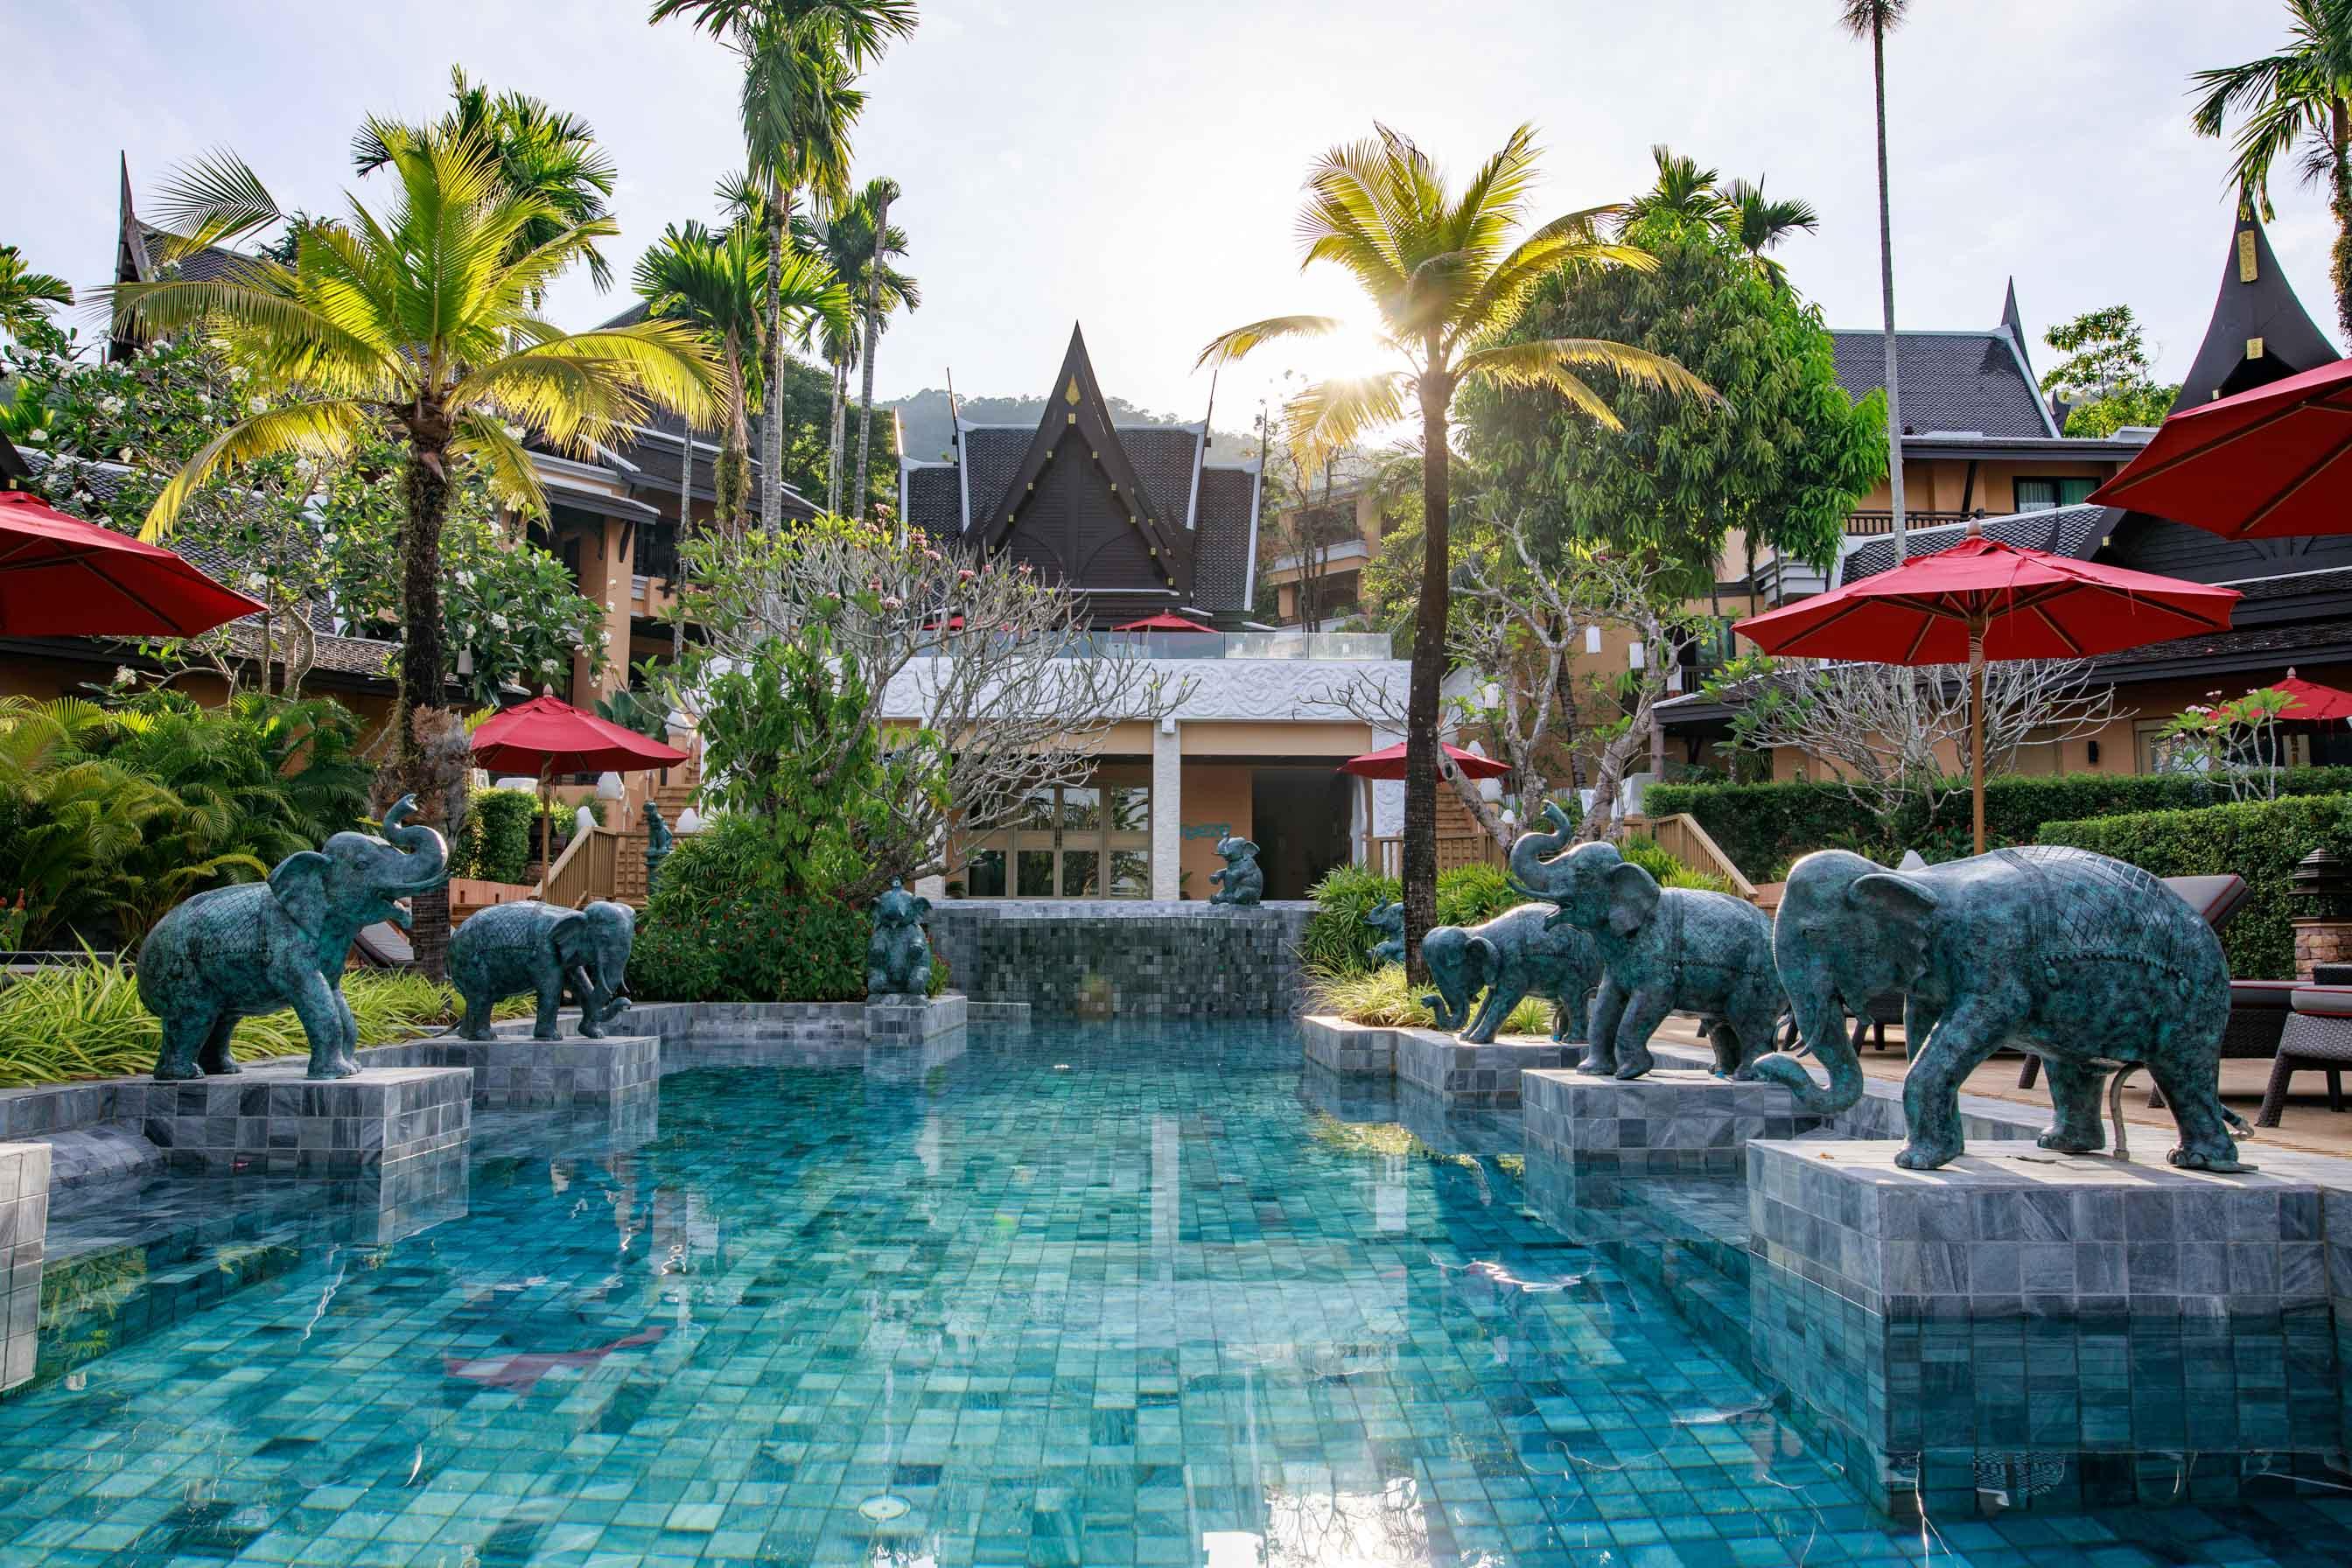 ที่พักกระบี่,อมารีโวค,ที่พักริมทะเลกระบี่,โรงแรมกระบี่,รีสอร์ทกระบี่